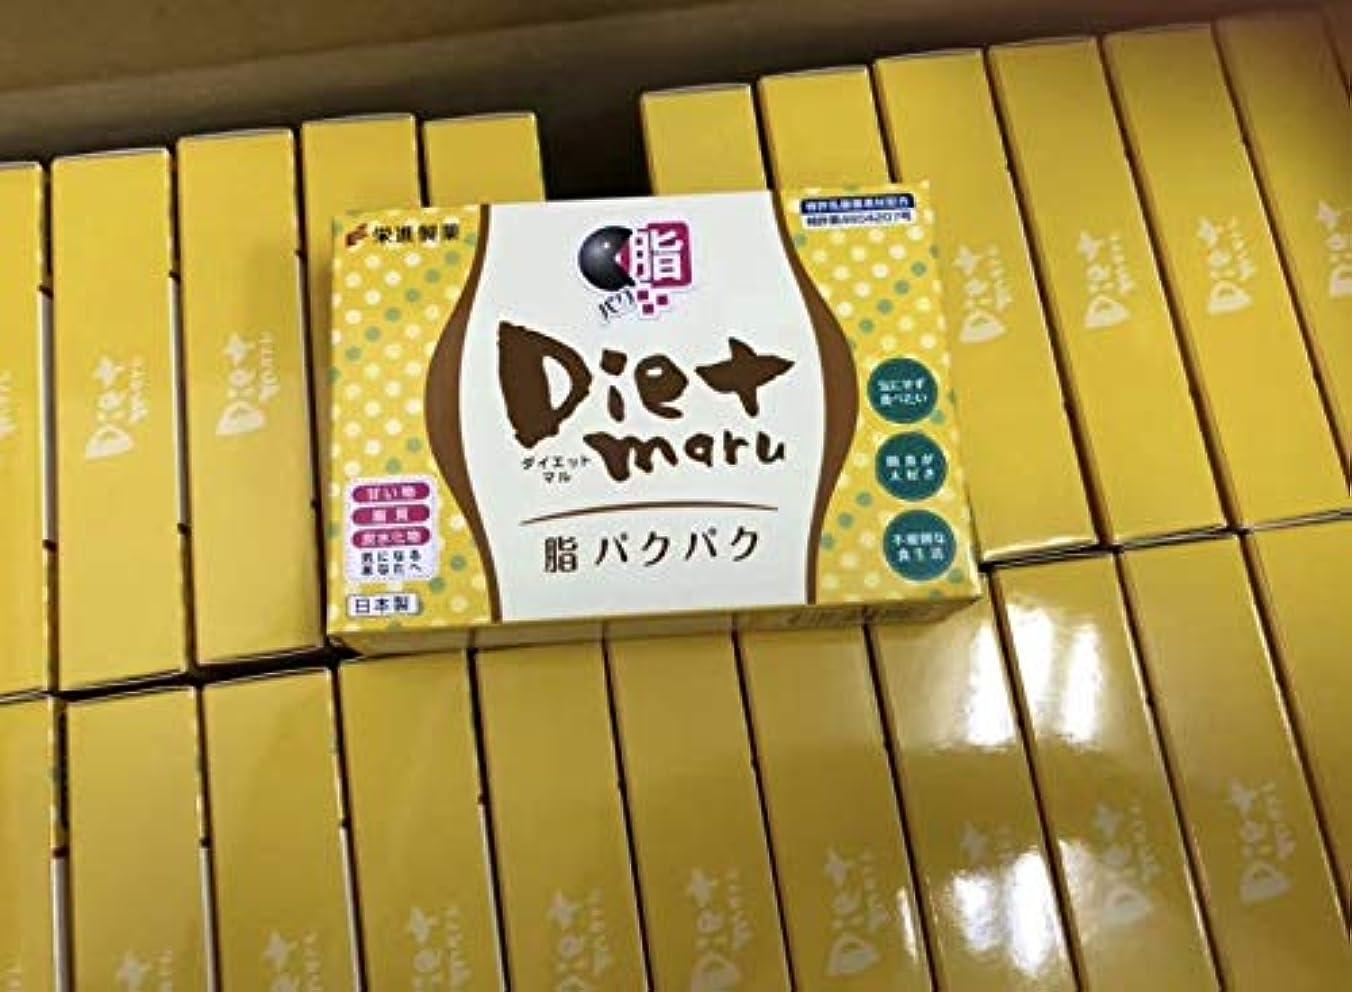 筋肉の卒業記念アルバム危険なDiet maruダイエットマル 脂パクパク 吸脂丸 (6)